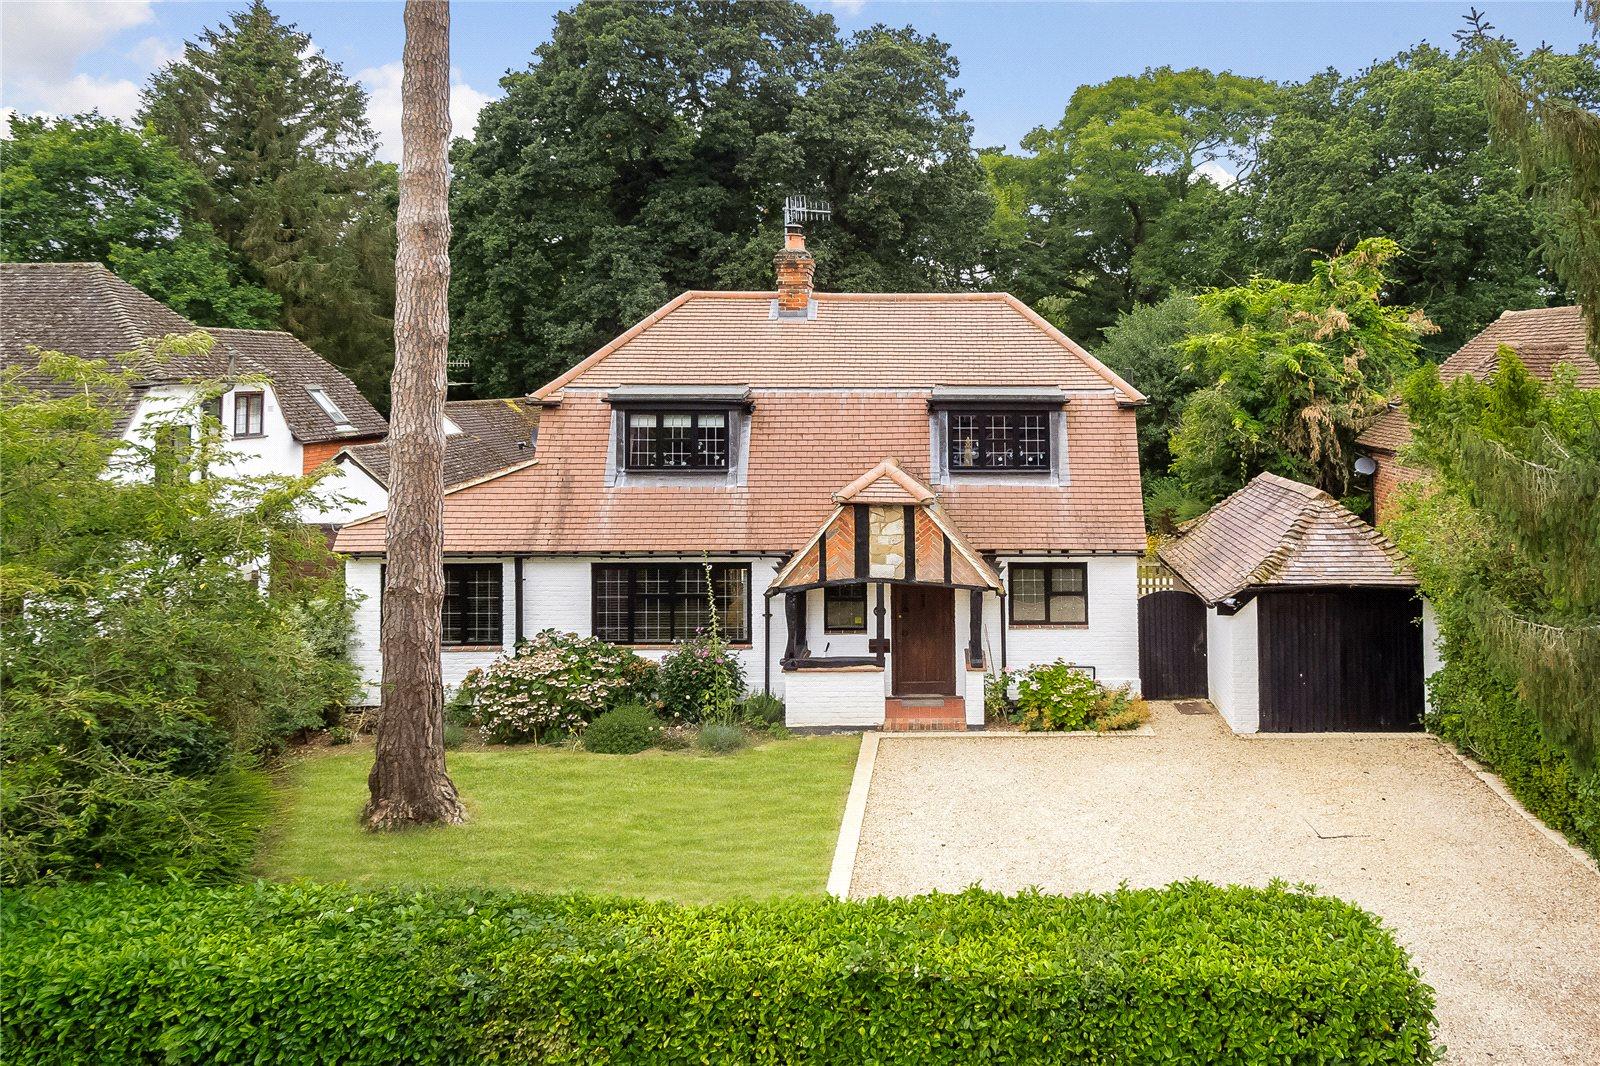 Частный дом для того Продажа на Linersh Wood, Bramley, Guildford, Surrey, GU5 Guildford, Англия